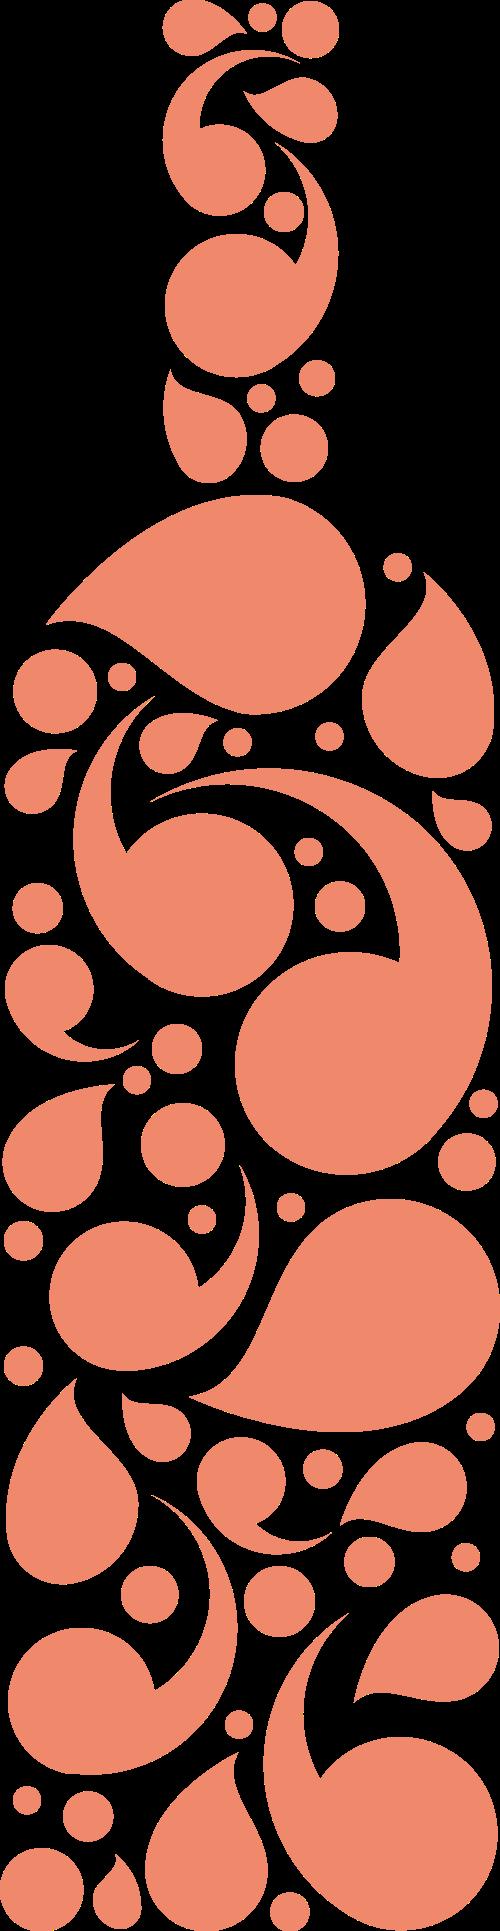 橙色酒瓶矢量logo元素